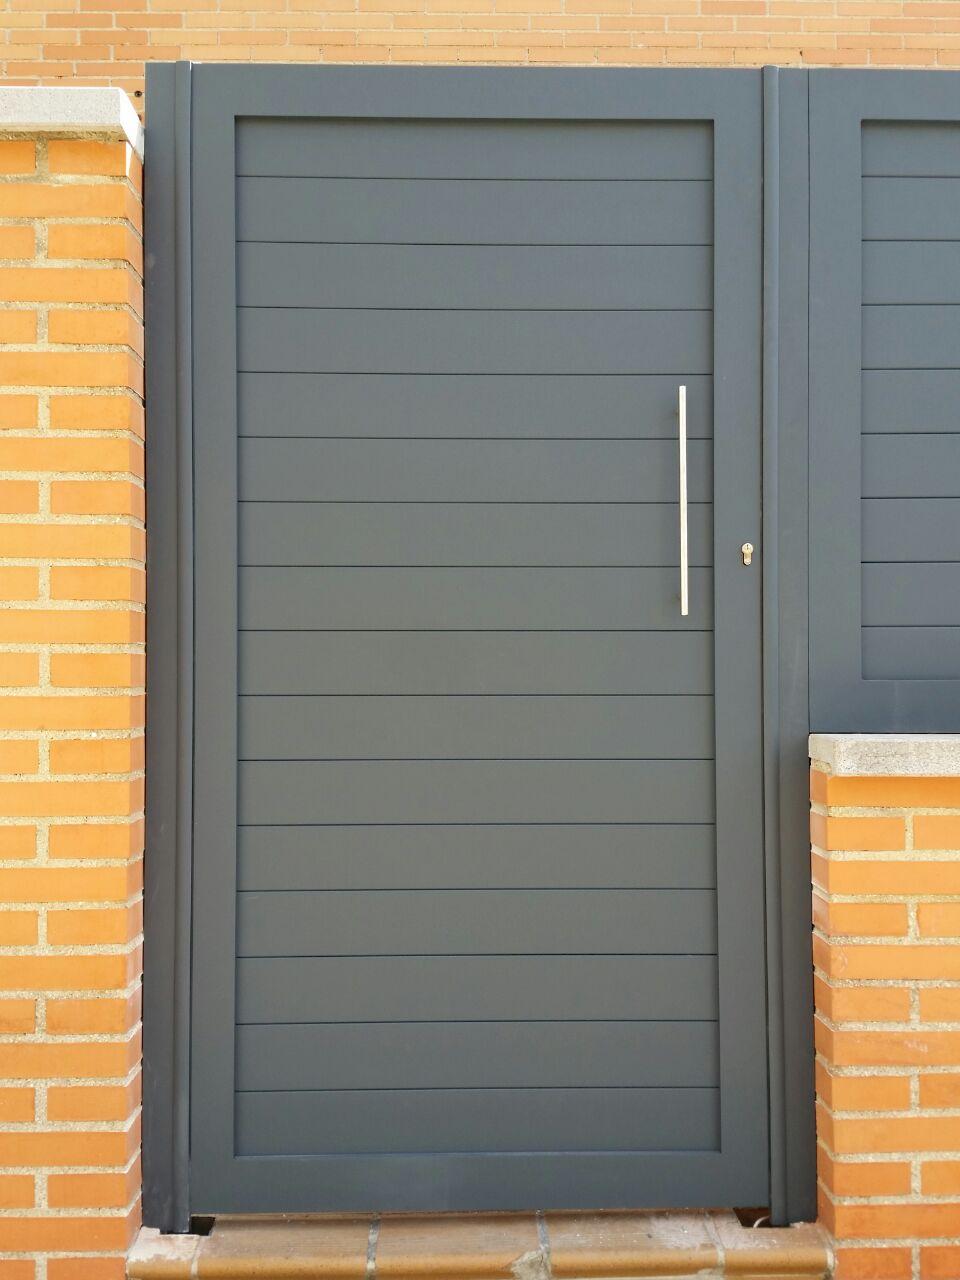 Puertas de aluminio soldado y vallas grupo marver - Puertas plegables de aluminio ...